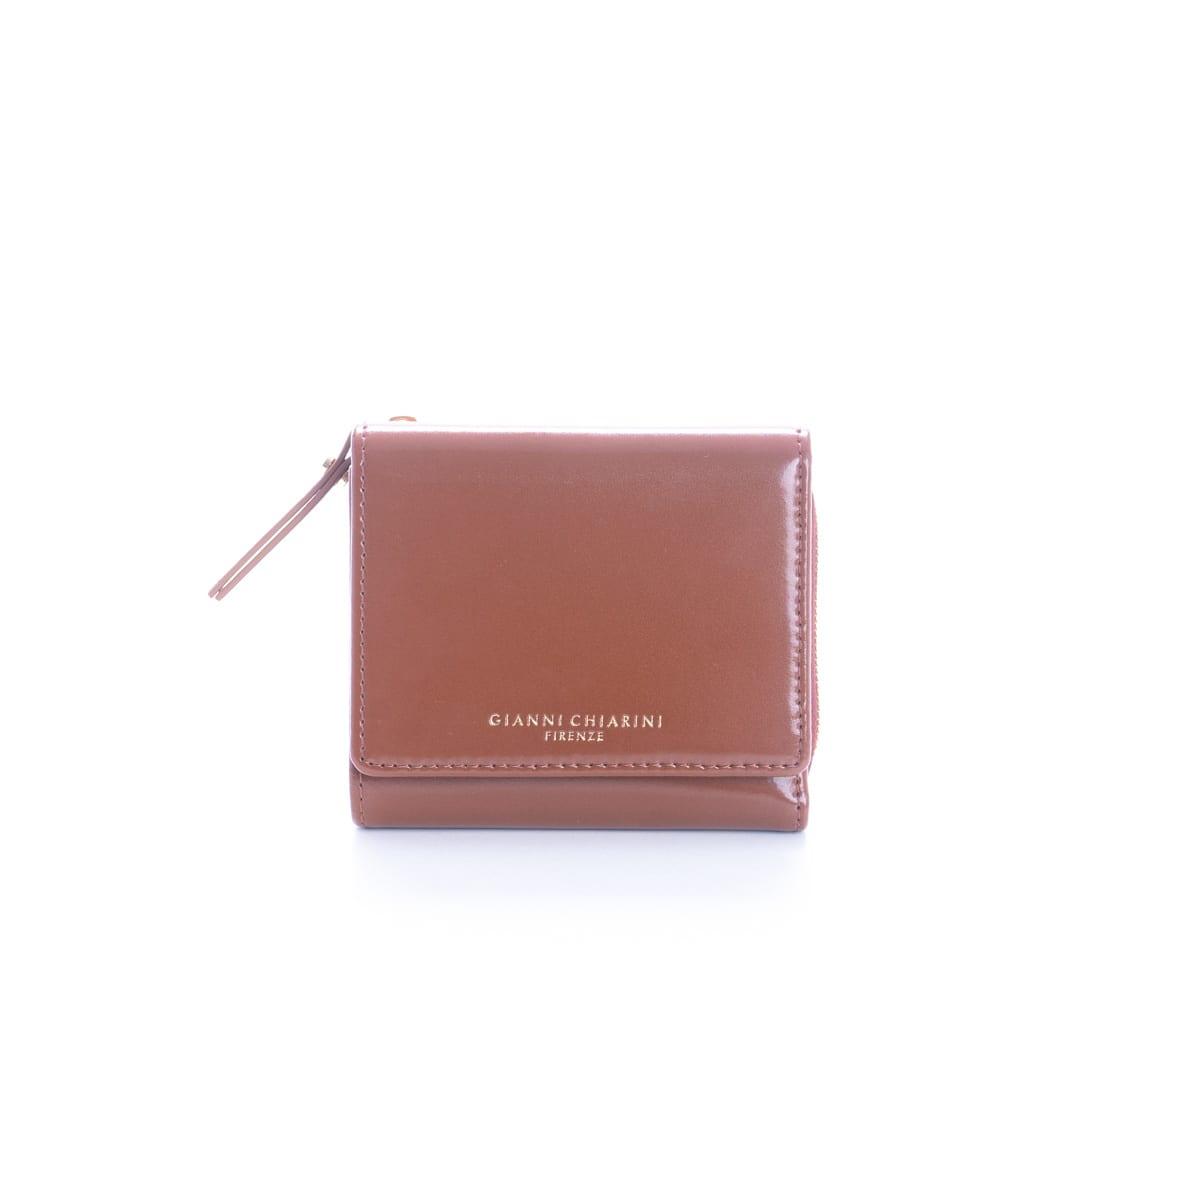 Gianni Chiarini Gianni Chiarini Wallet